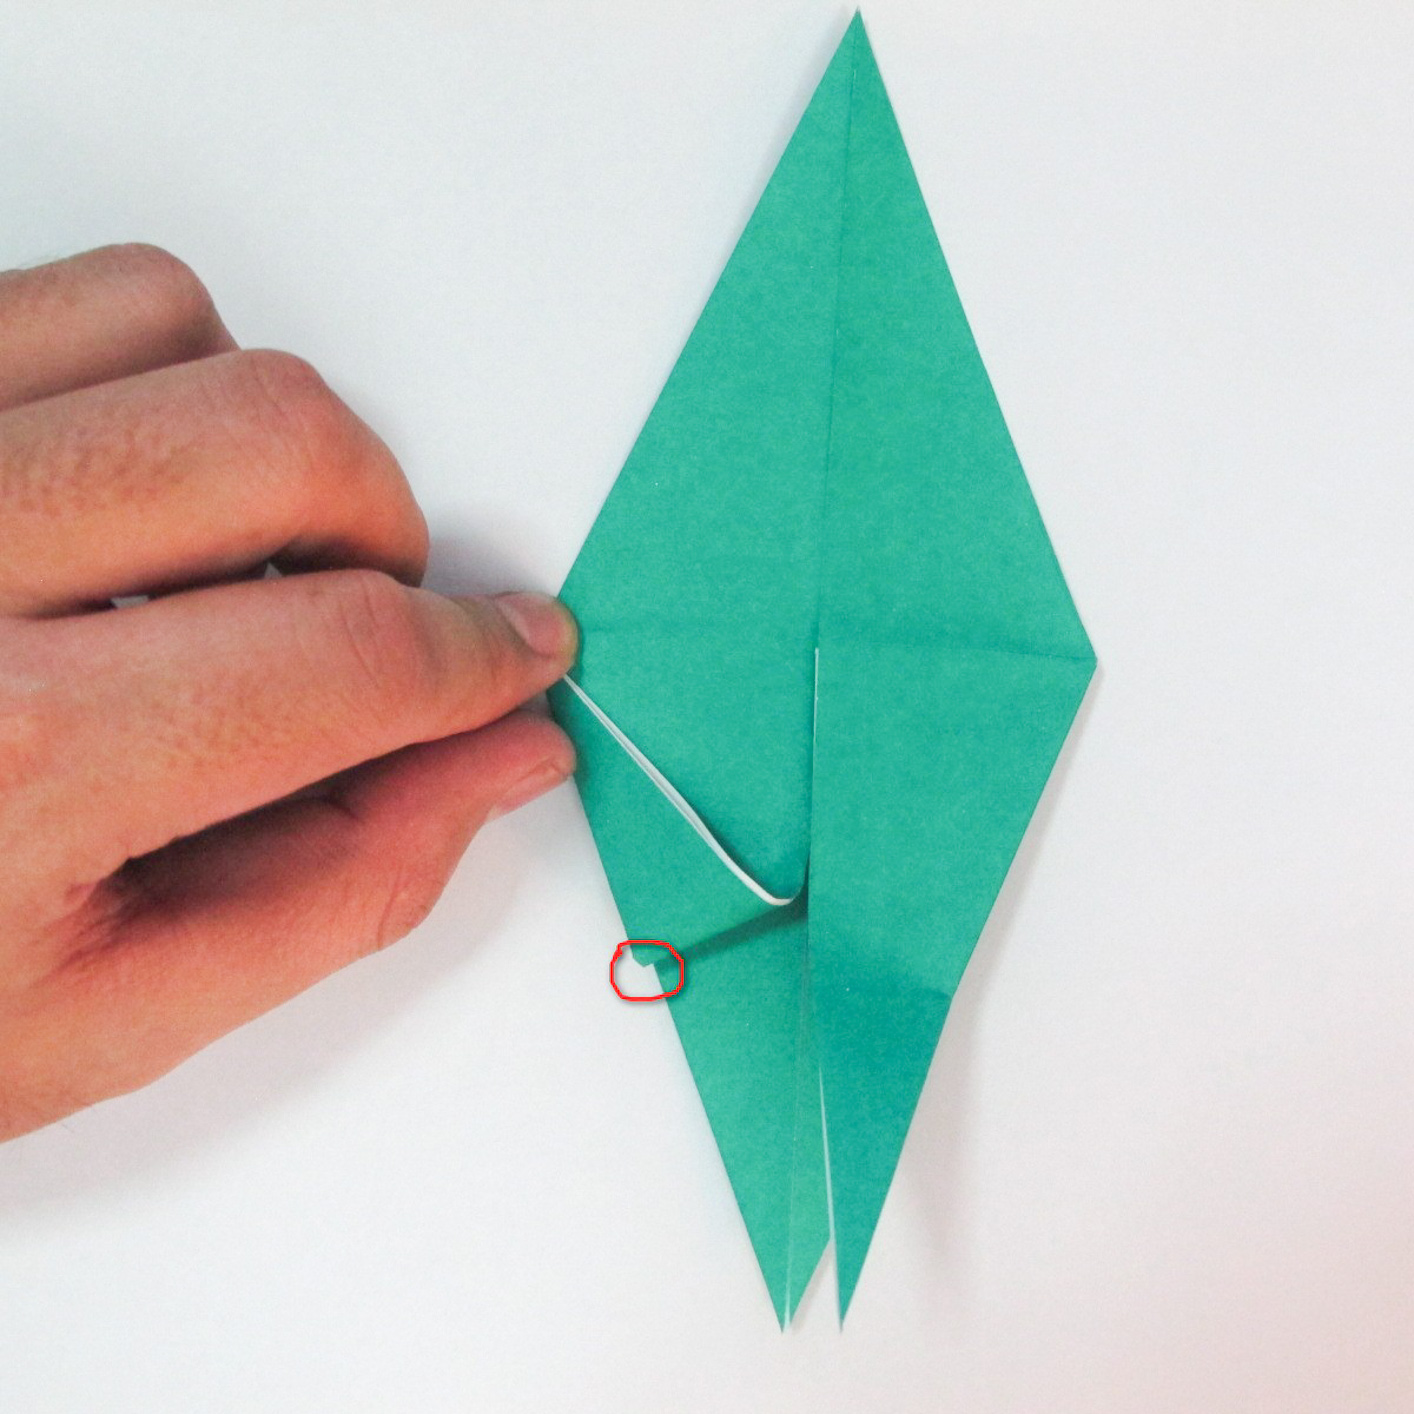 สอนวิธีการพับกระดาษเป็นรูปปลาฉลาม (Origami Shark) 020